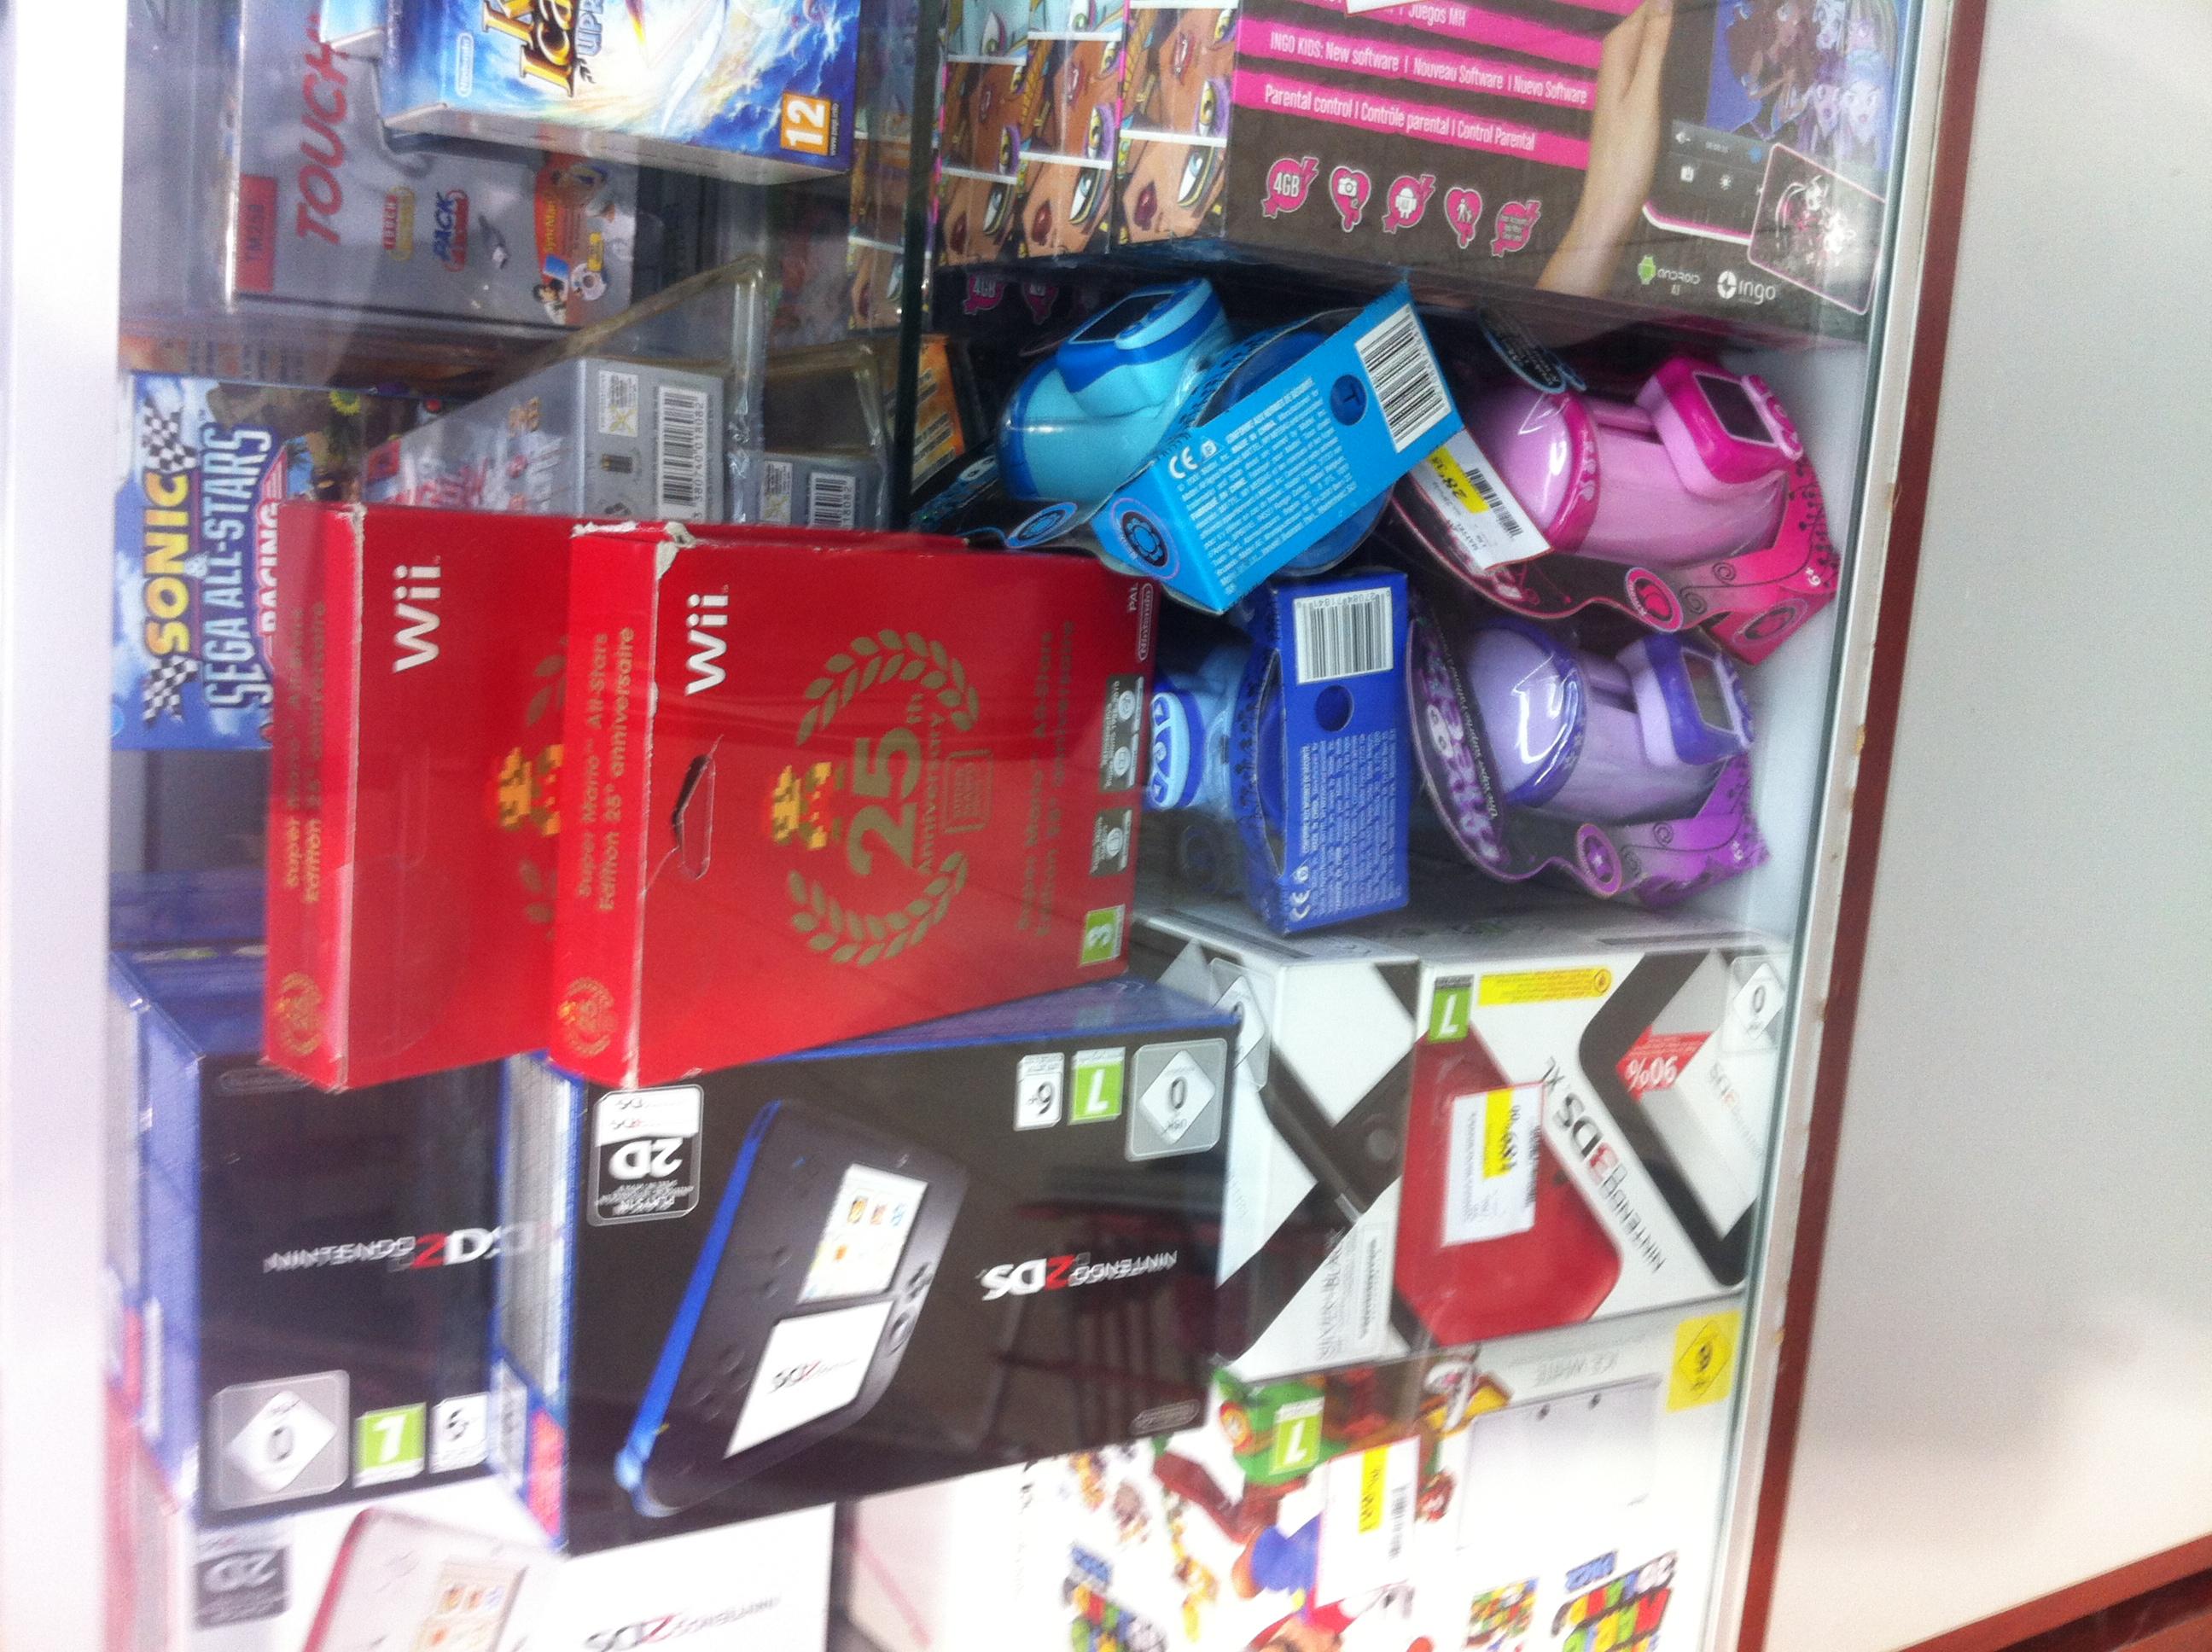 [BONNES AFFAIRES] Hypermarchés (Auchan, Carrefour...) - Page 5 655793image642